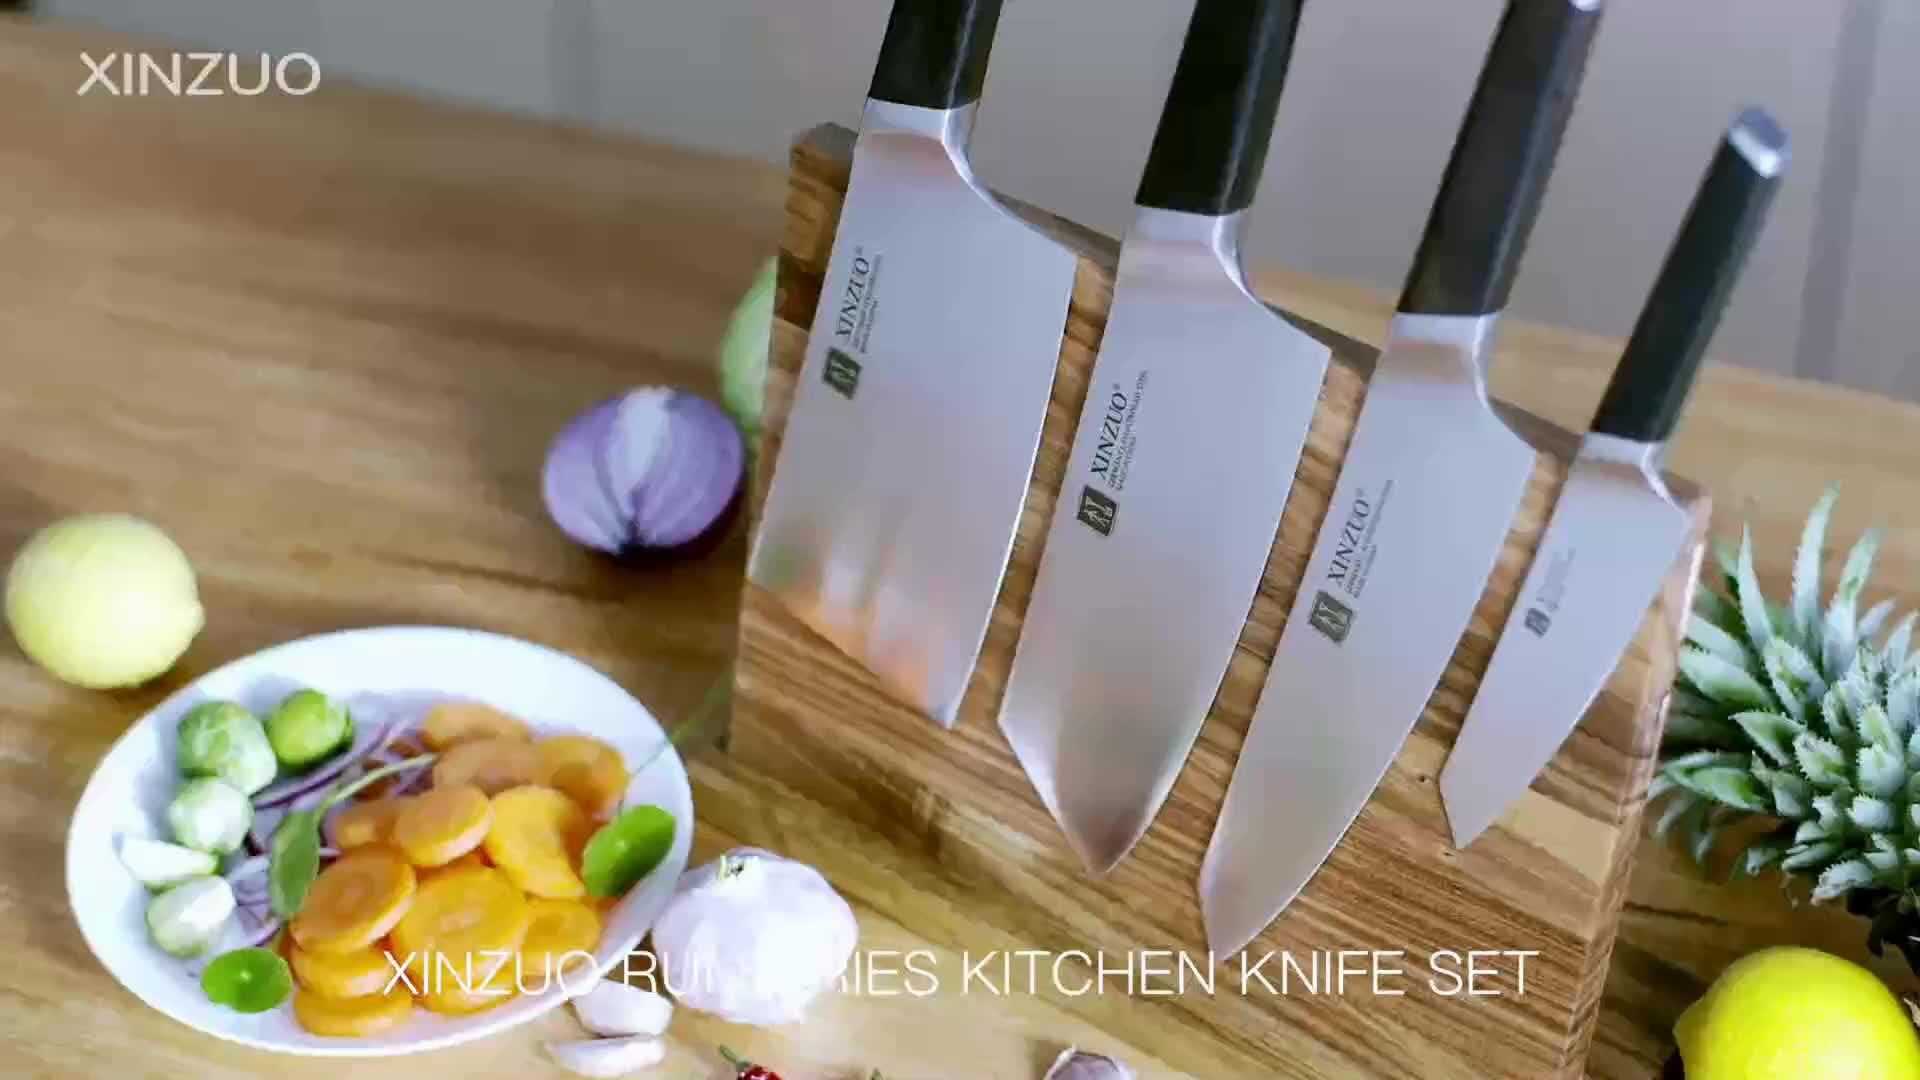 הגעה חדשה 8 אינץ גרמנית סכין 1.4116 פלדת שף סכין